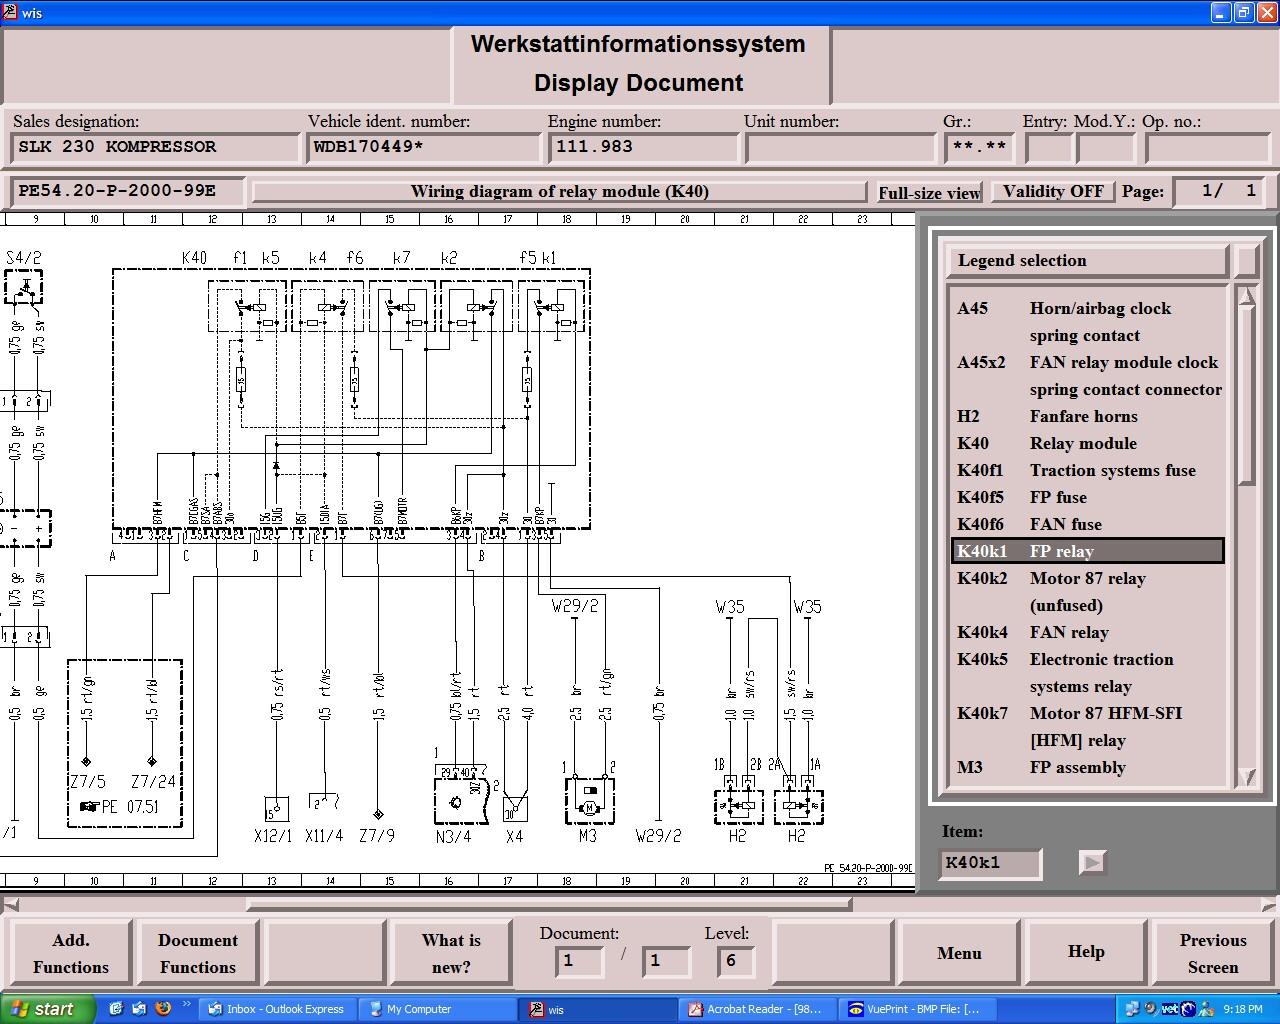 mercedes benz w203 wiring diagrams 2001 chevy silverado diagram 1998 c230 backlight 43